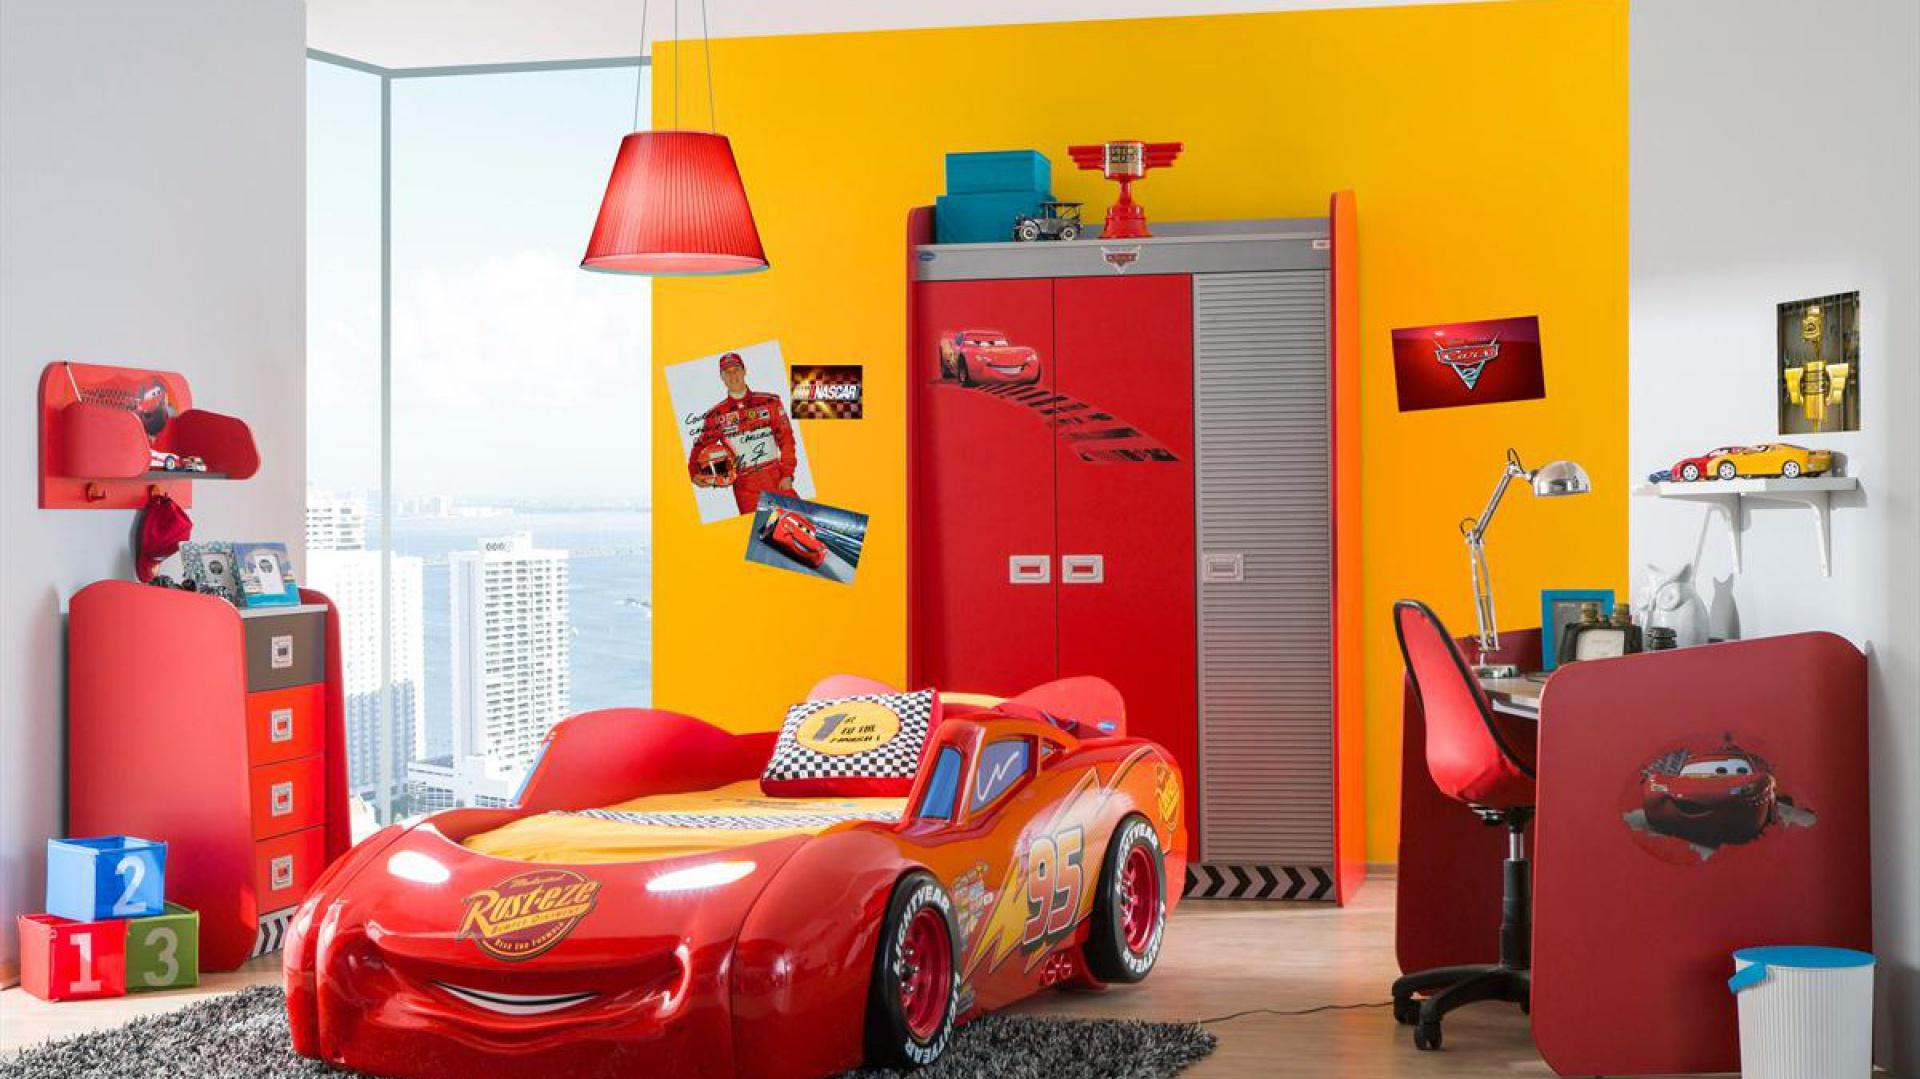 W pokoju automaniaka dominuje czerwień - kolor kojarzony z rajdami samochodowymi. Ciekawym urozmaiceniem jest żółta ściana. Fot. Kids&Teens.